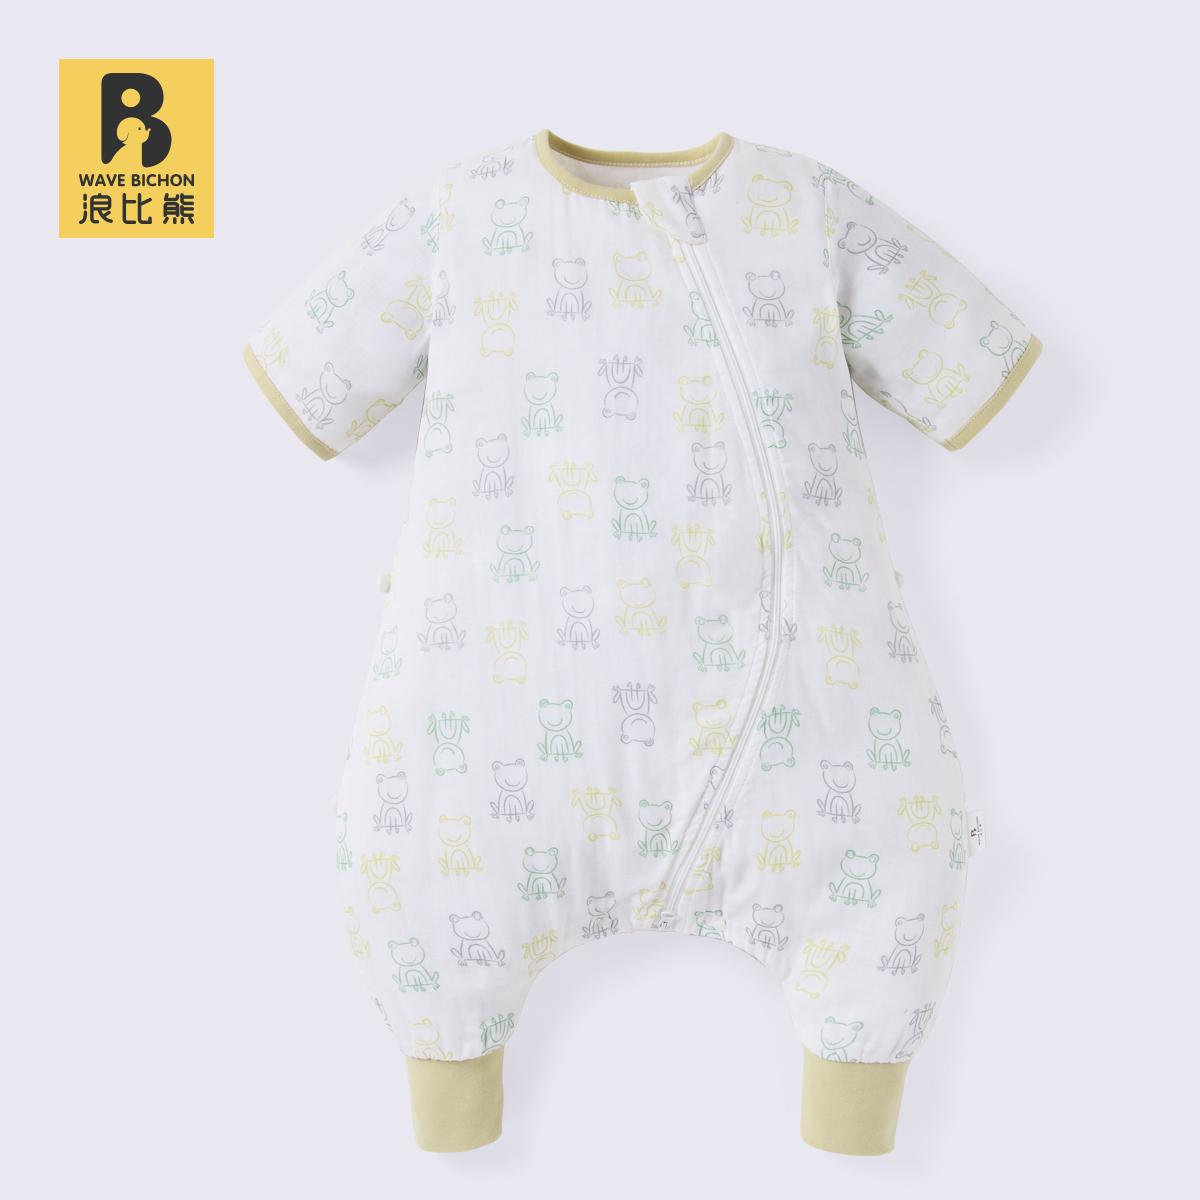 浪比熊婴儿睡袋春秋薄款纱布宝宝睡袋四季通用款空调房儿童防踢被